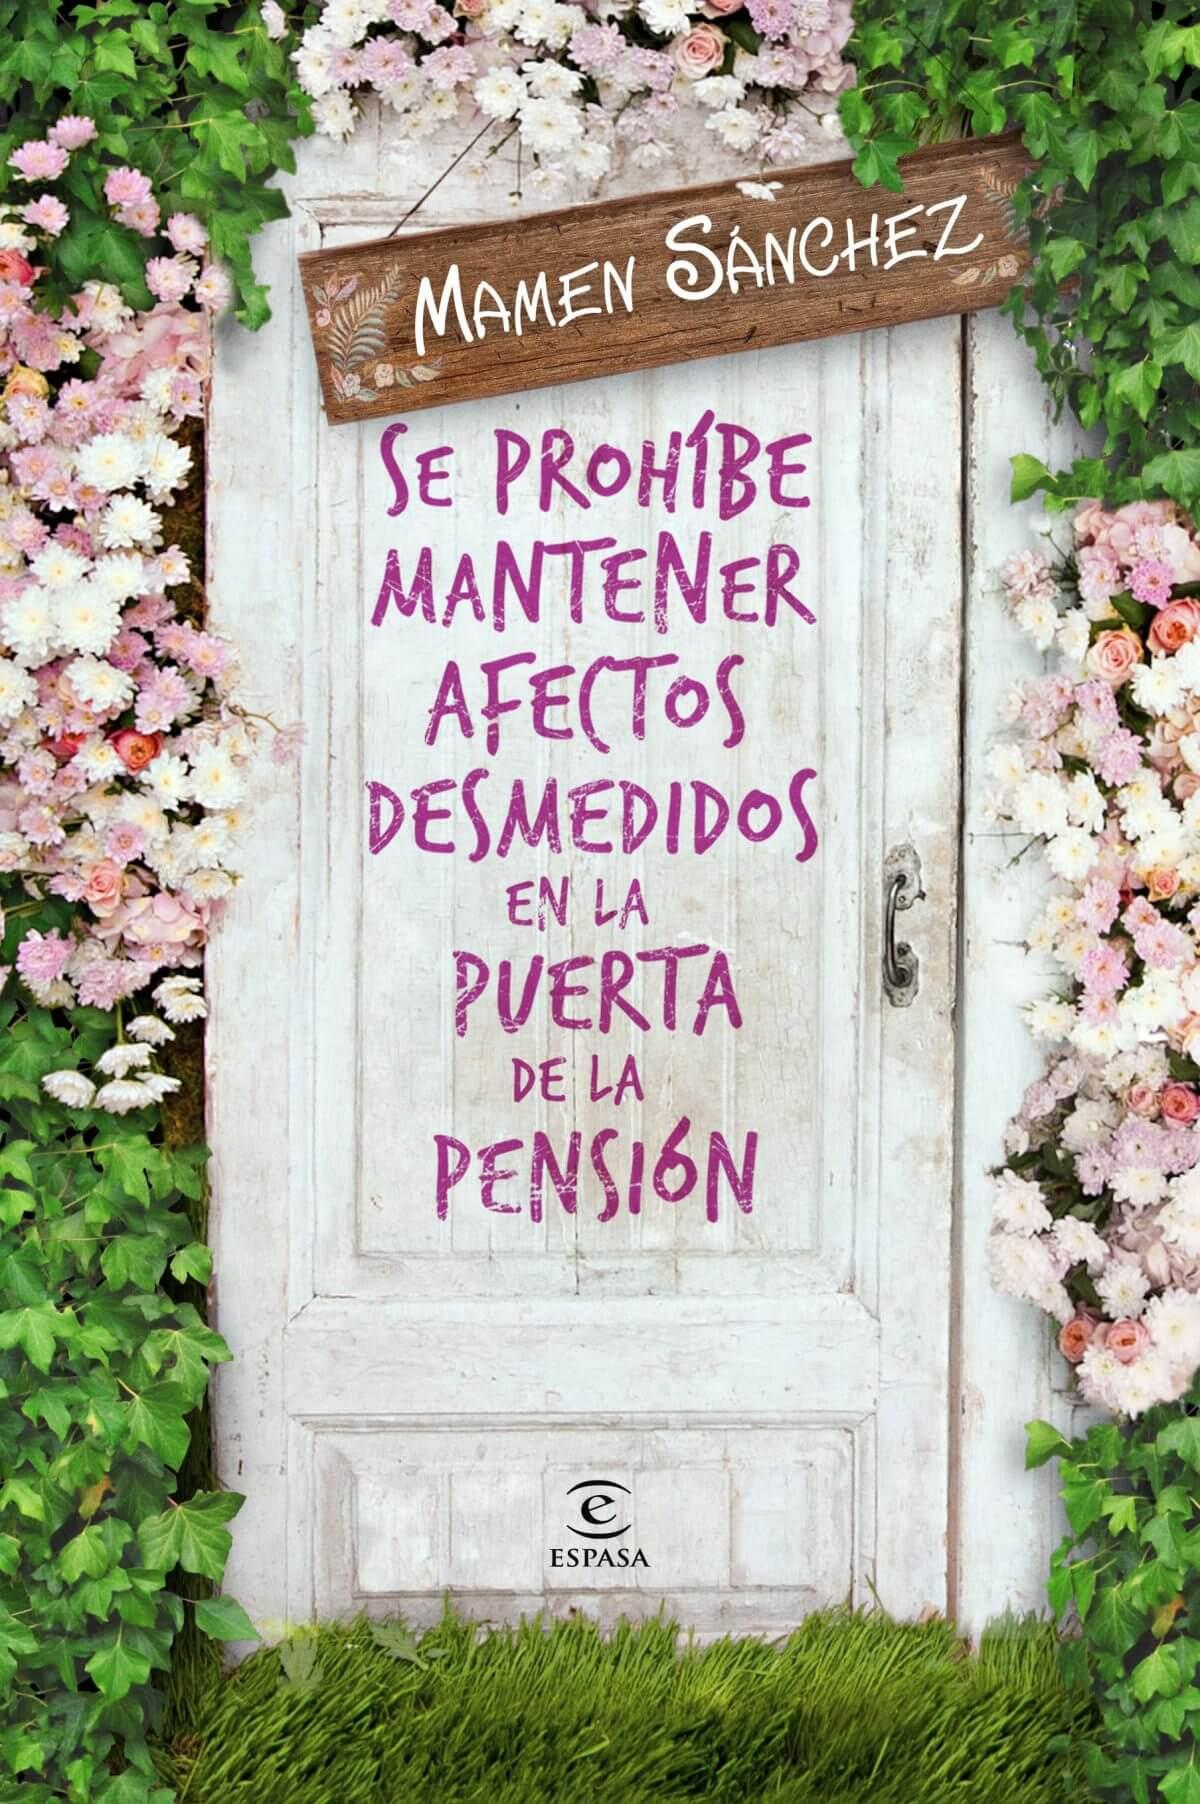 Se prohíbe mantener afectos desmedidos en la puerta de la pensión – Mamen Sánchez